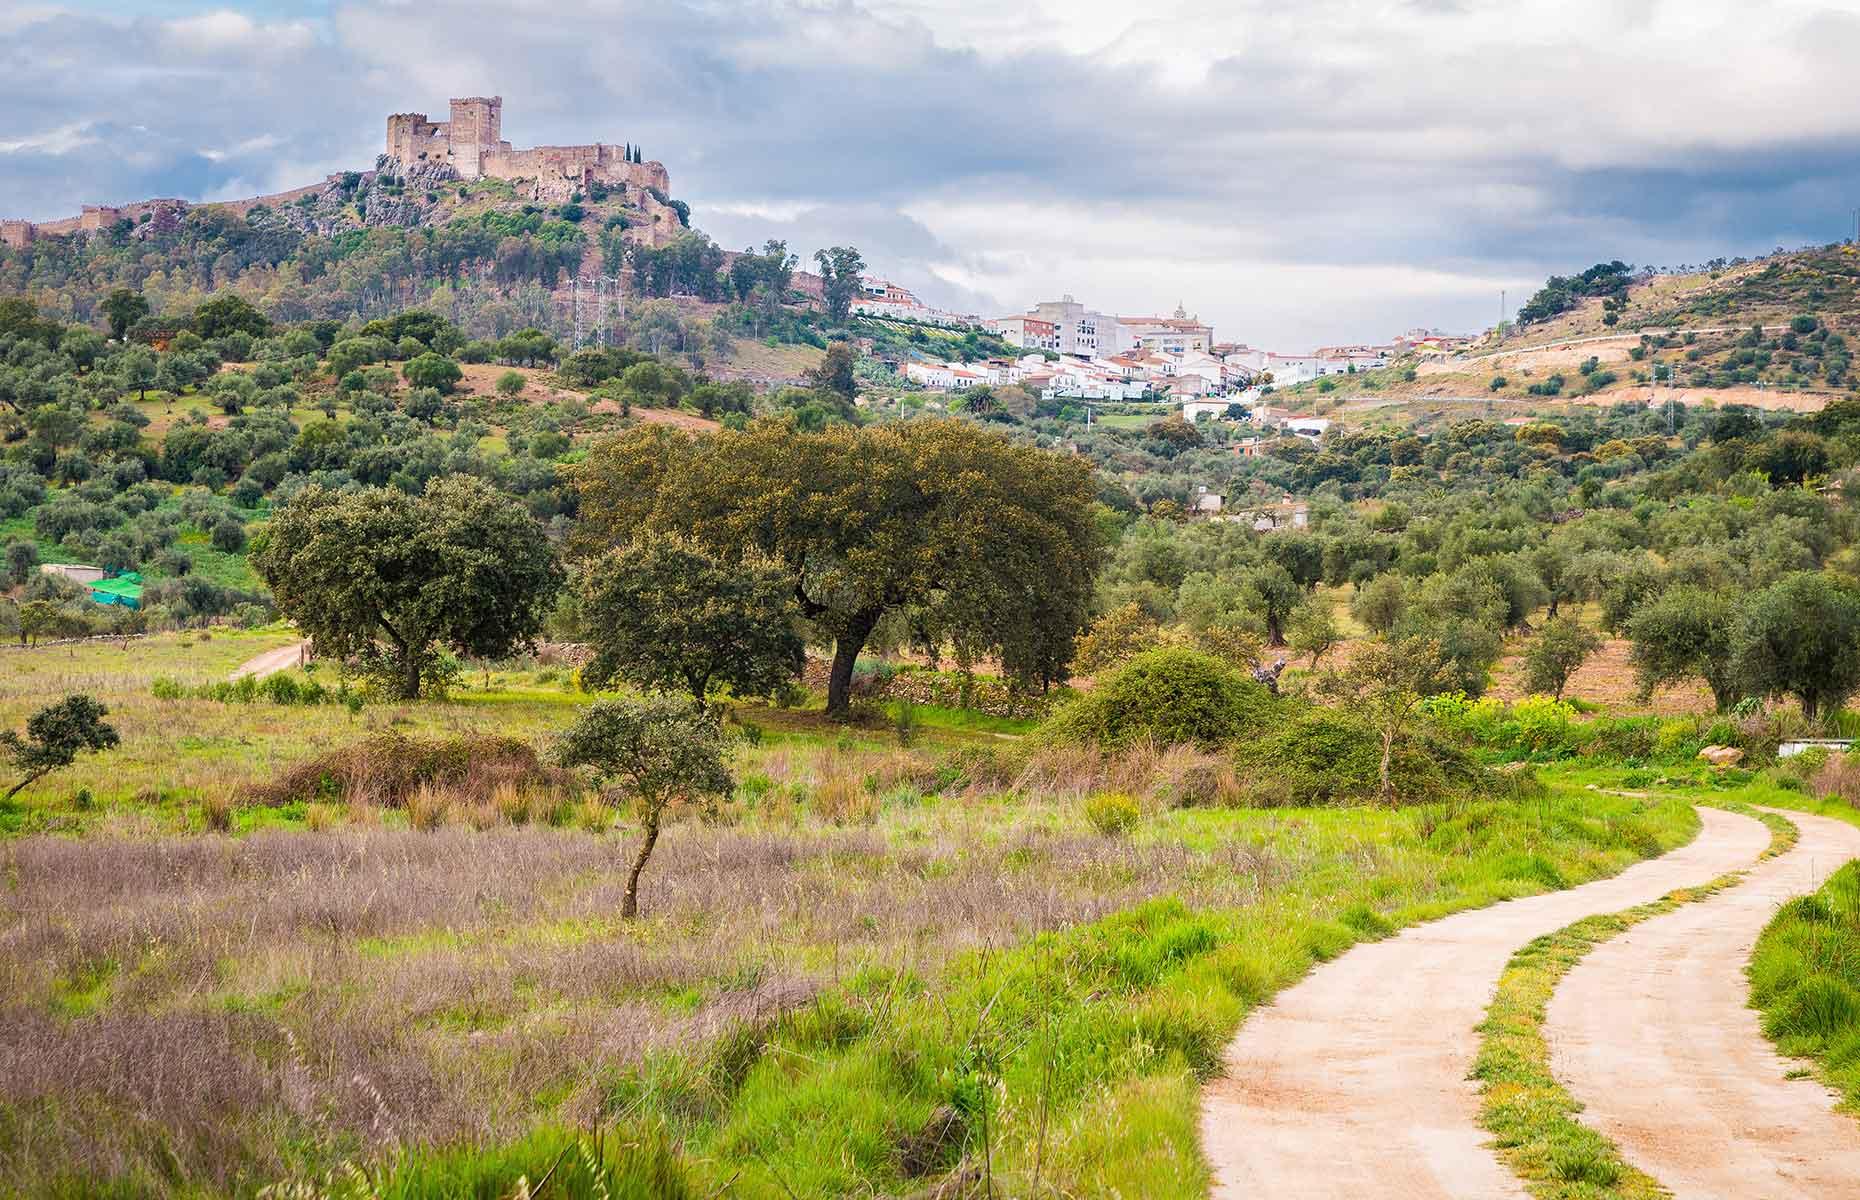 Extremadura, Western Spain